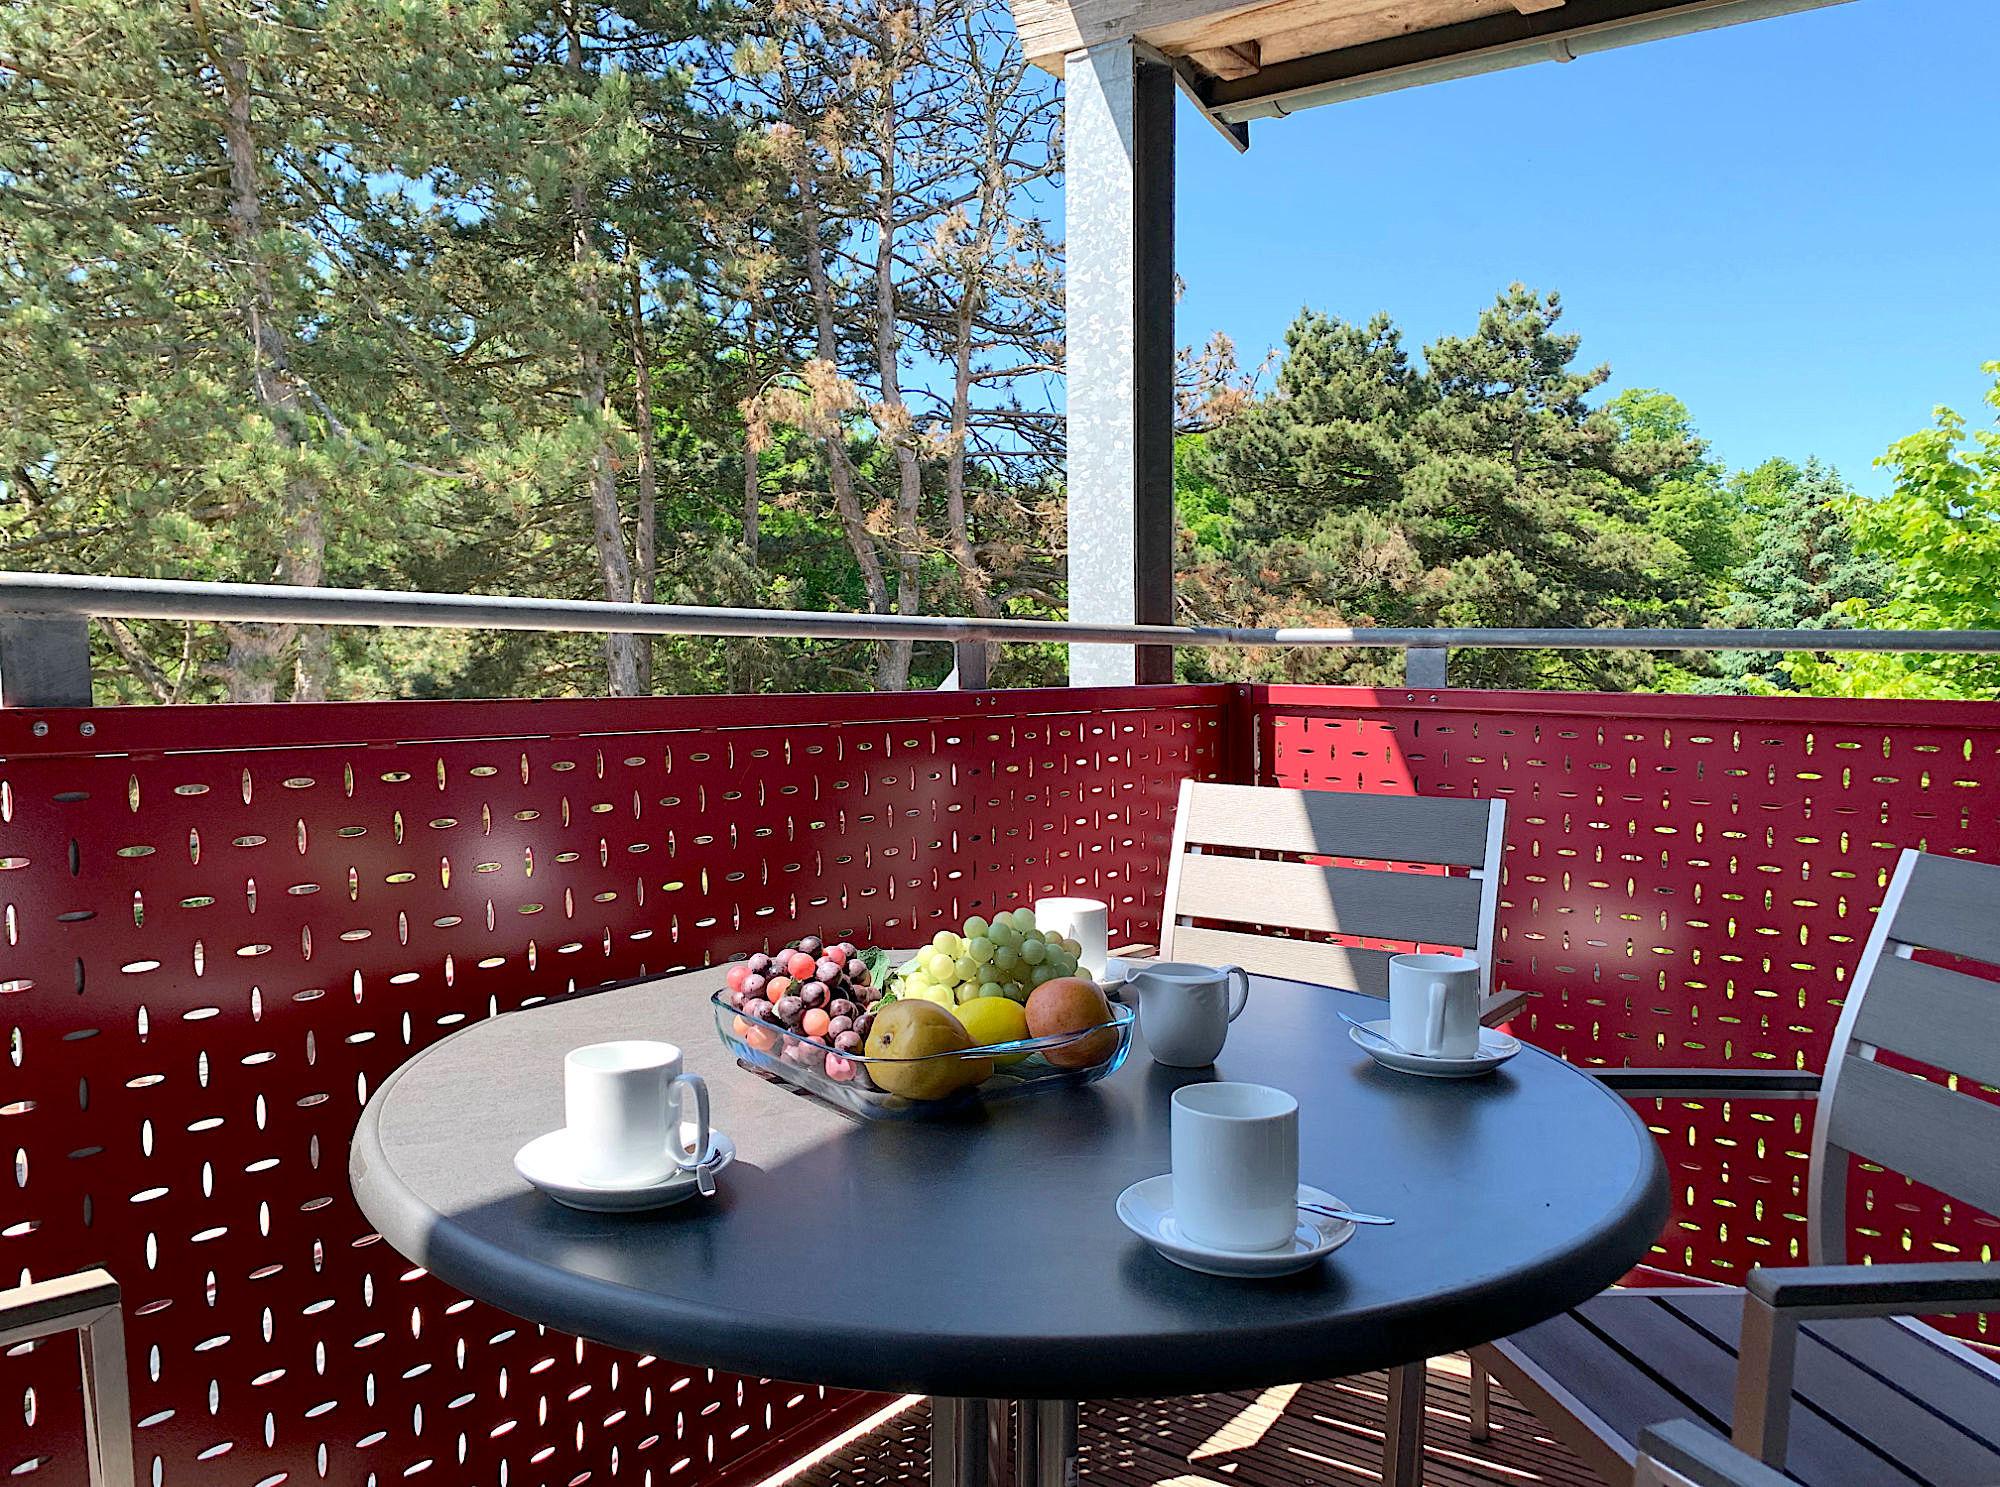 Balkon mit Tisch und Stühlen und Blick ins Grüne